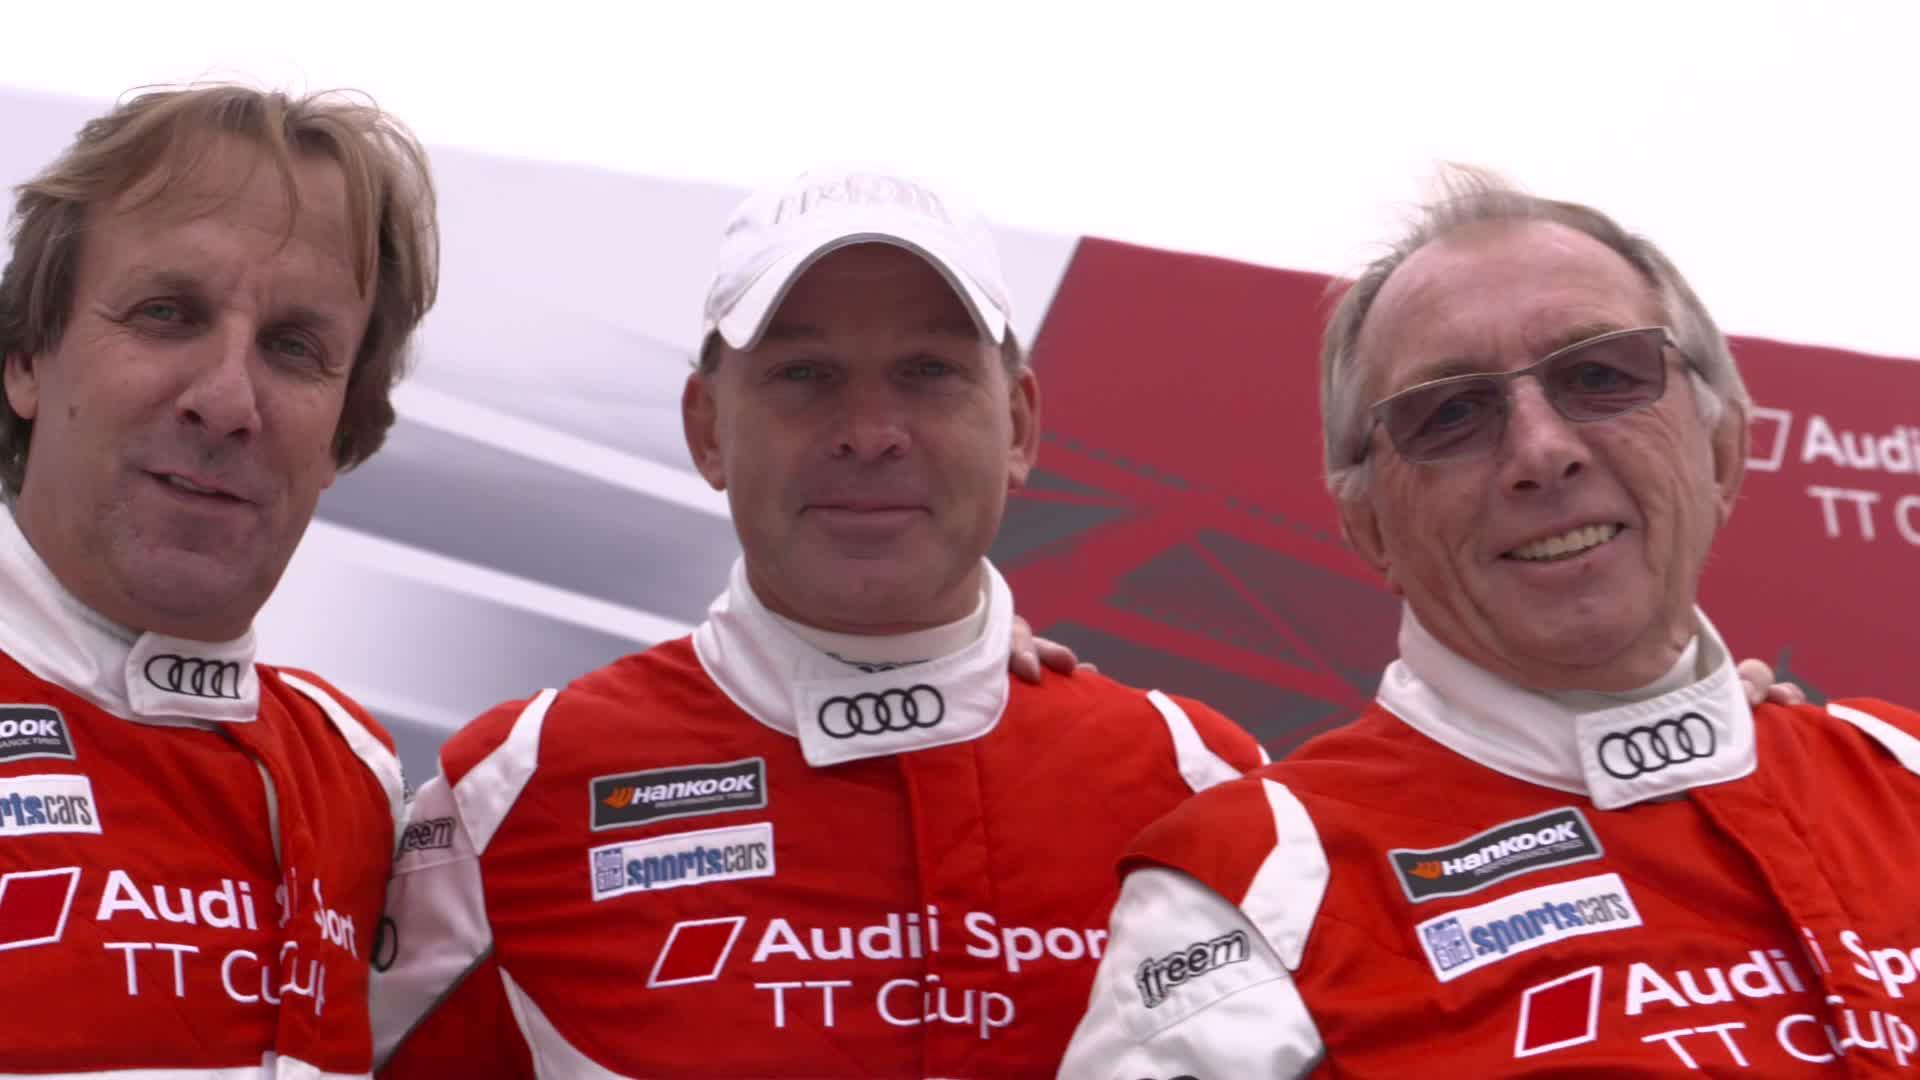 60 Seconds of Audi Sport 75/2015 - Audi Sport TT Cup, Preview Oschersleben